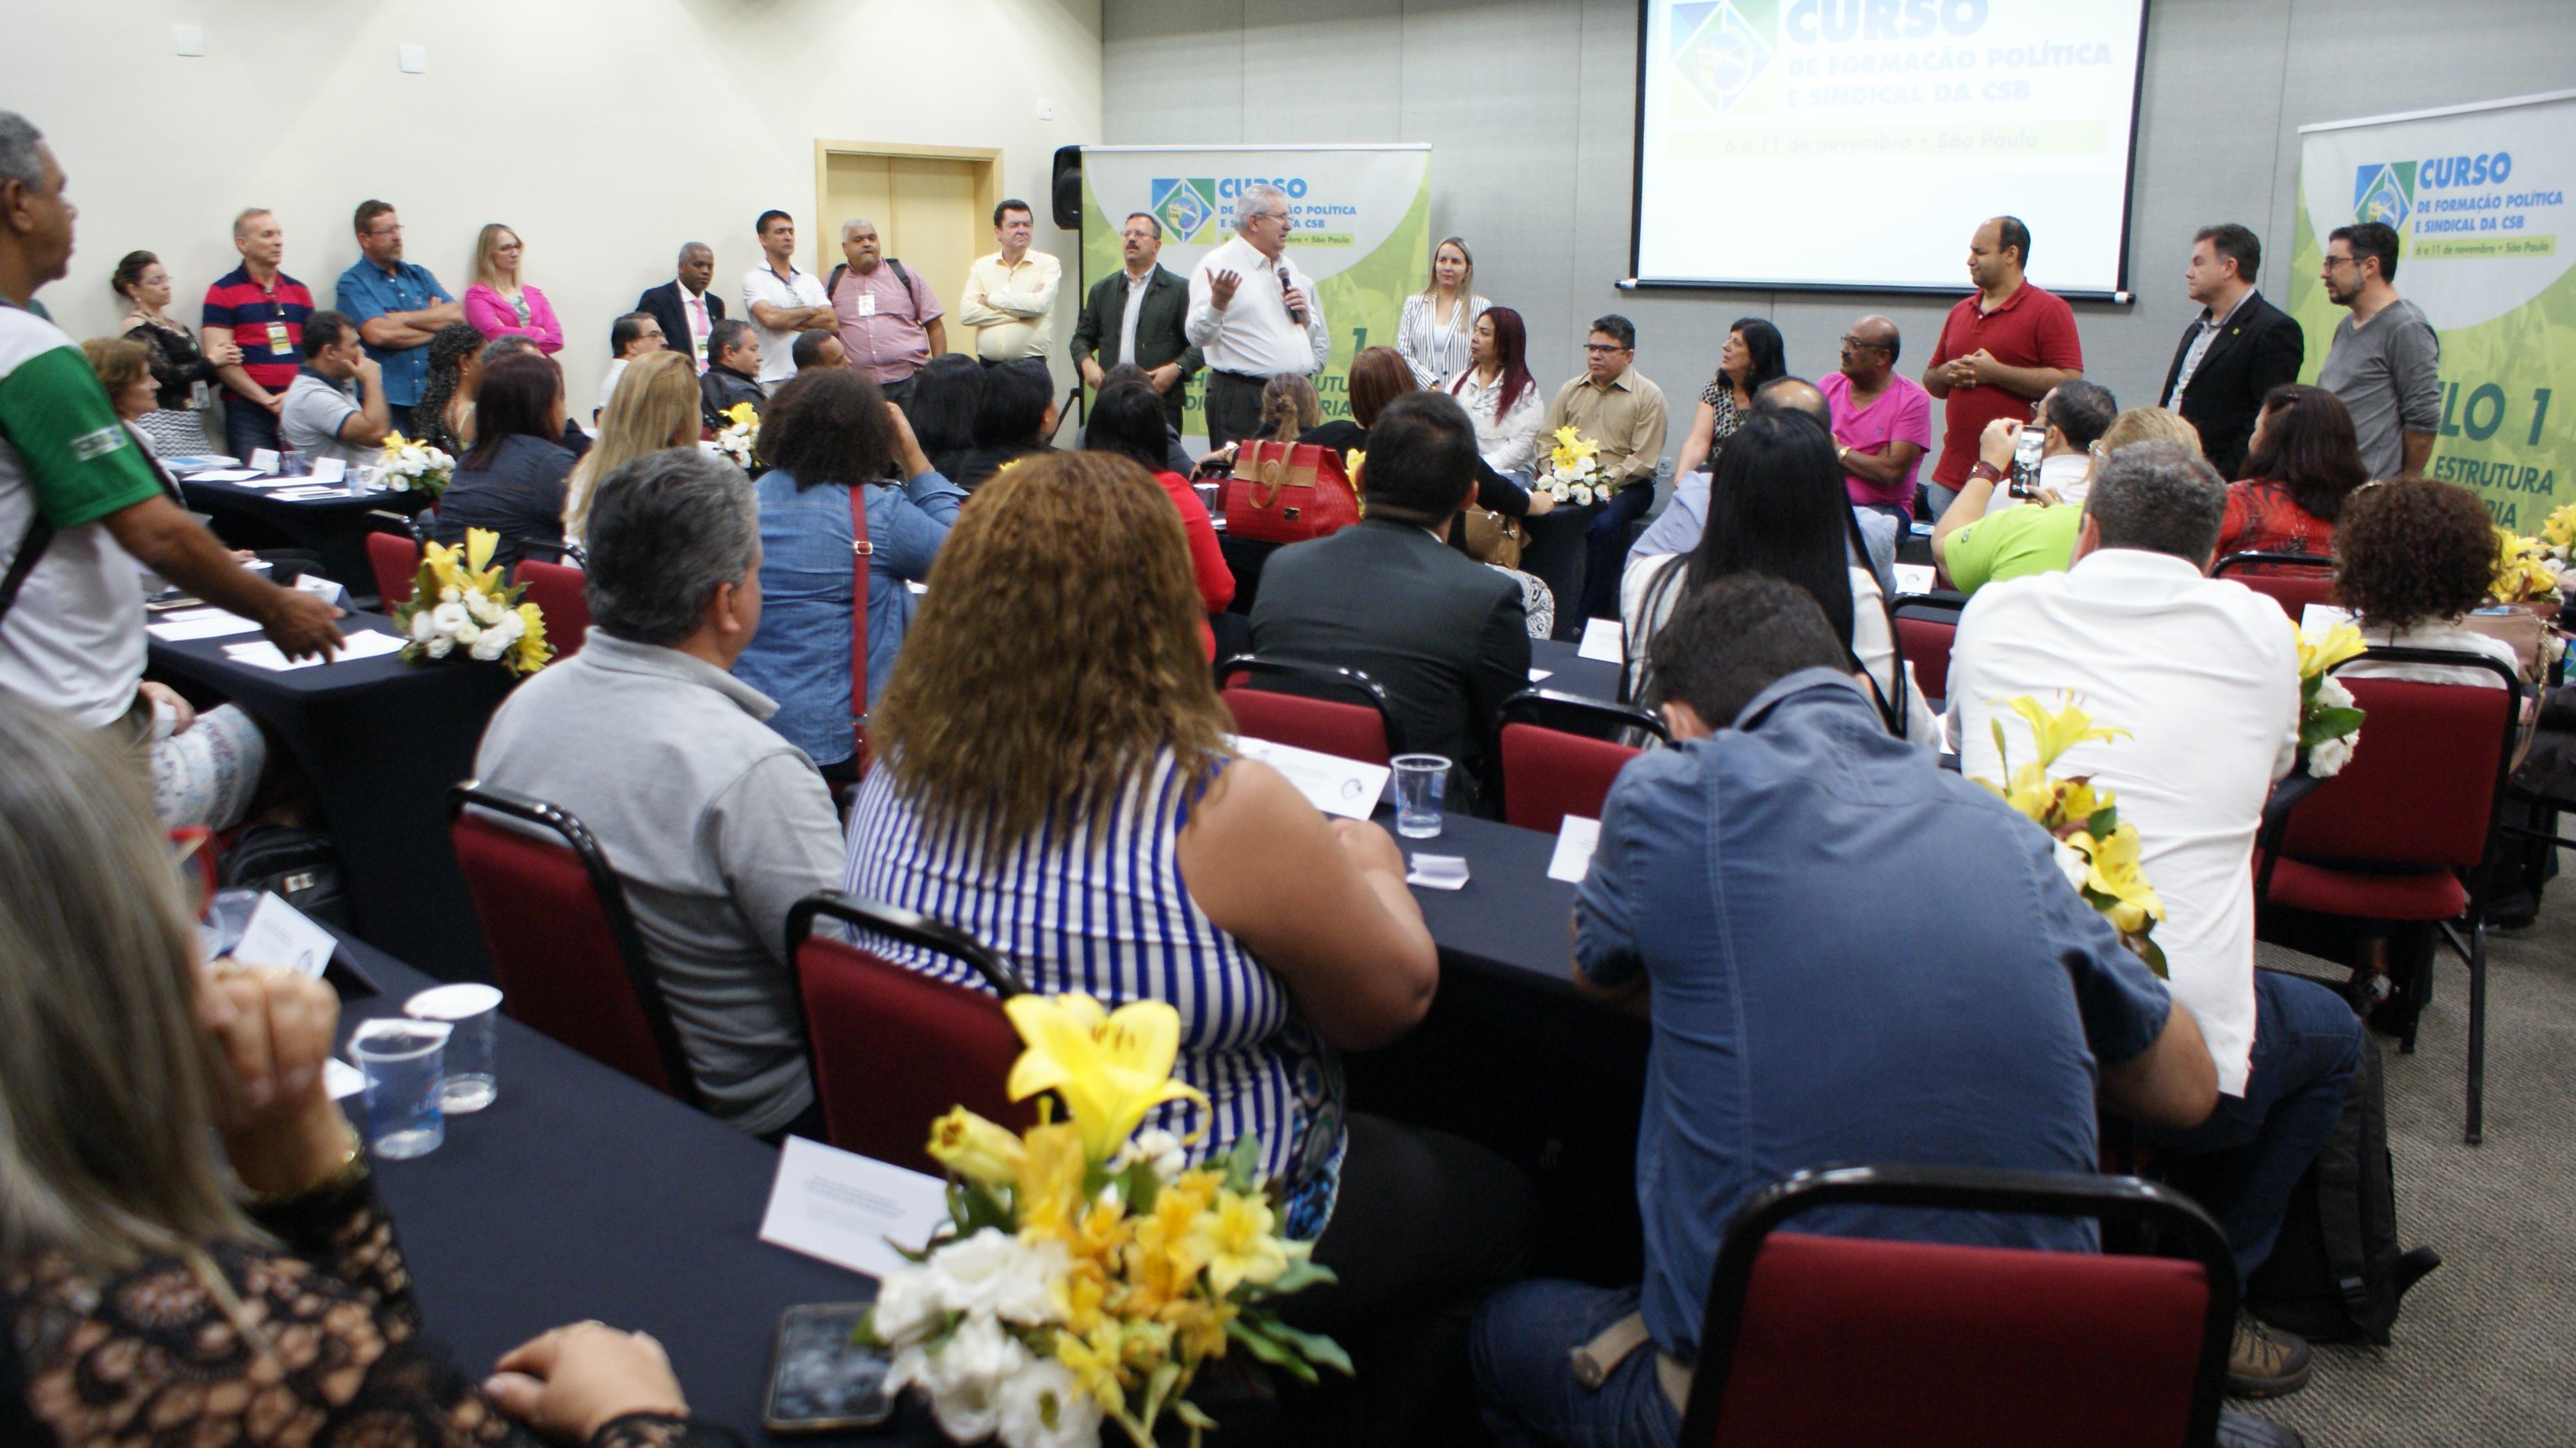 Curso de Formação reúne mais de 100 dirigentes e amplia o enfrentamento dos sindicatos da CSB